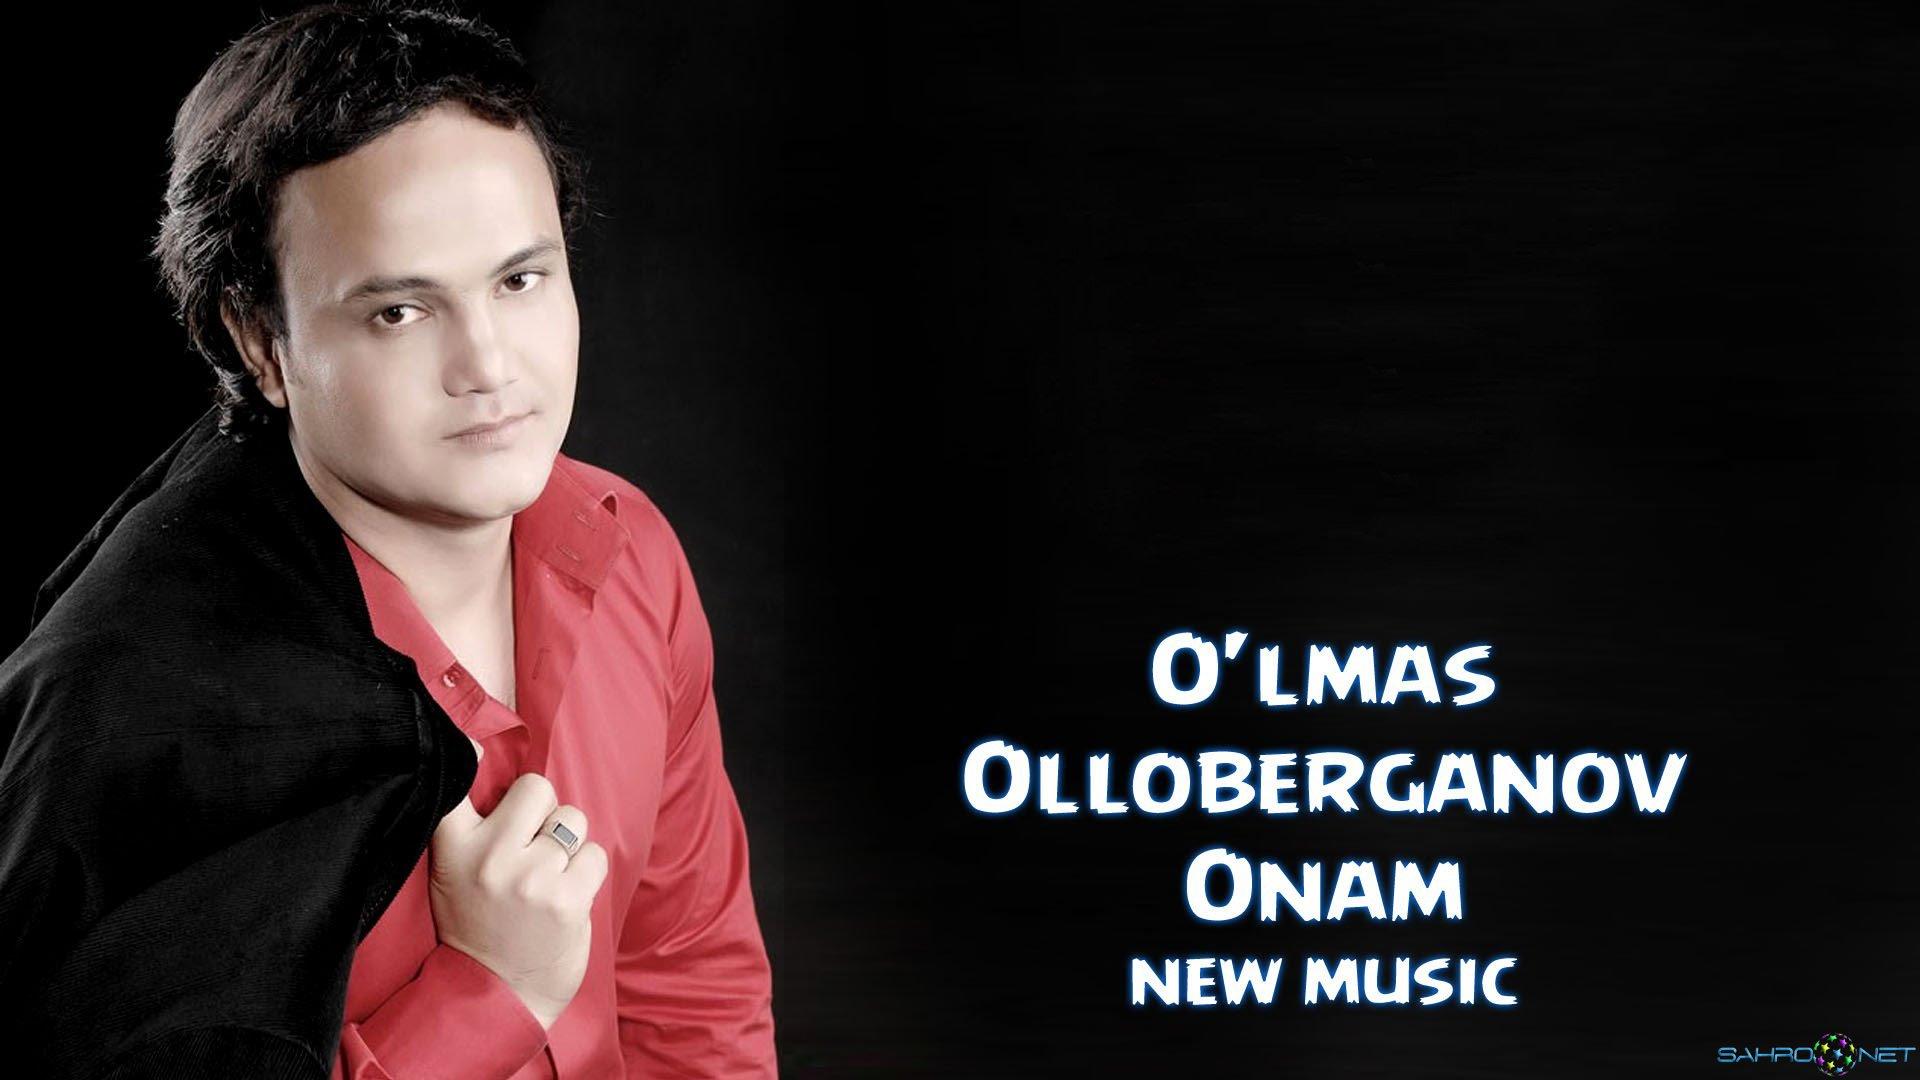 O'lmas Olloberganov - Onam 2015 Скачать Узбек MP3